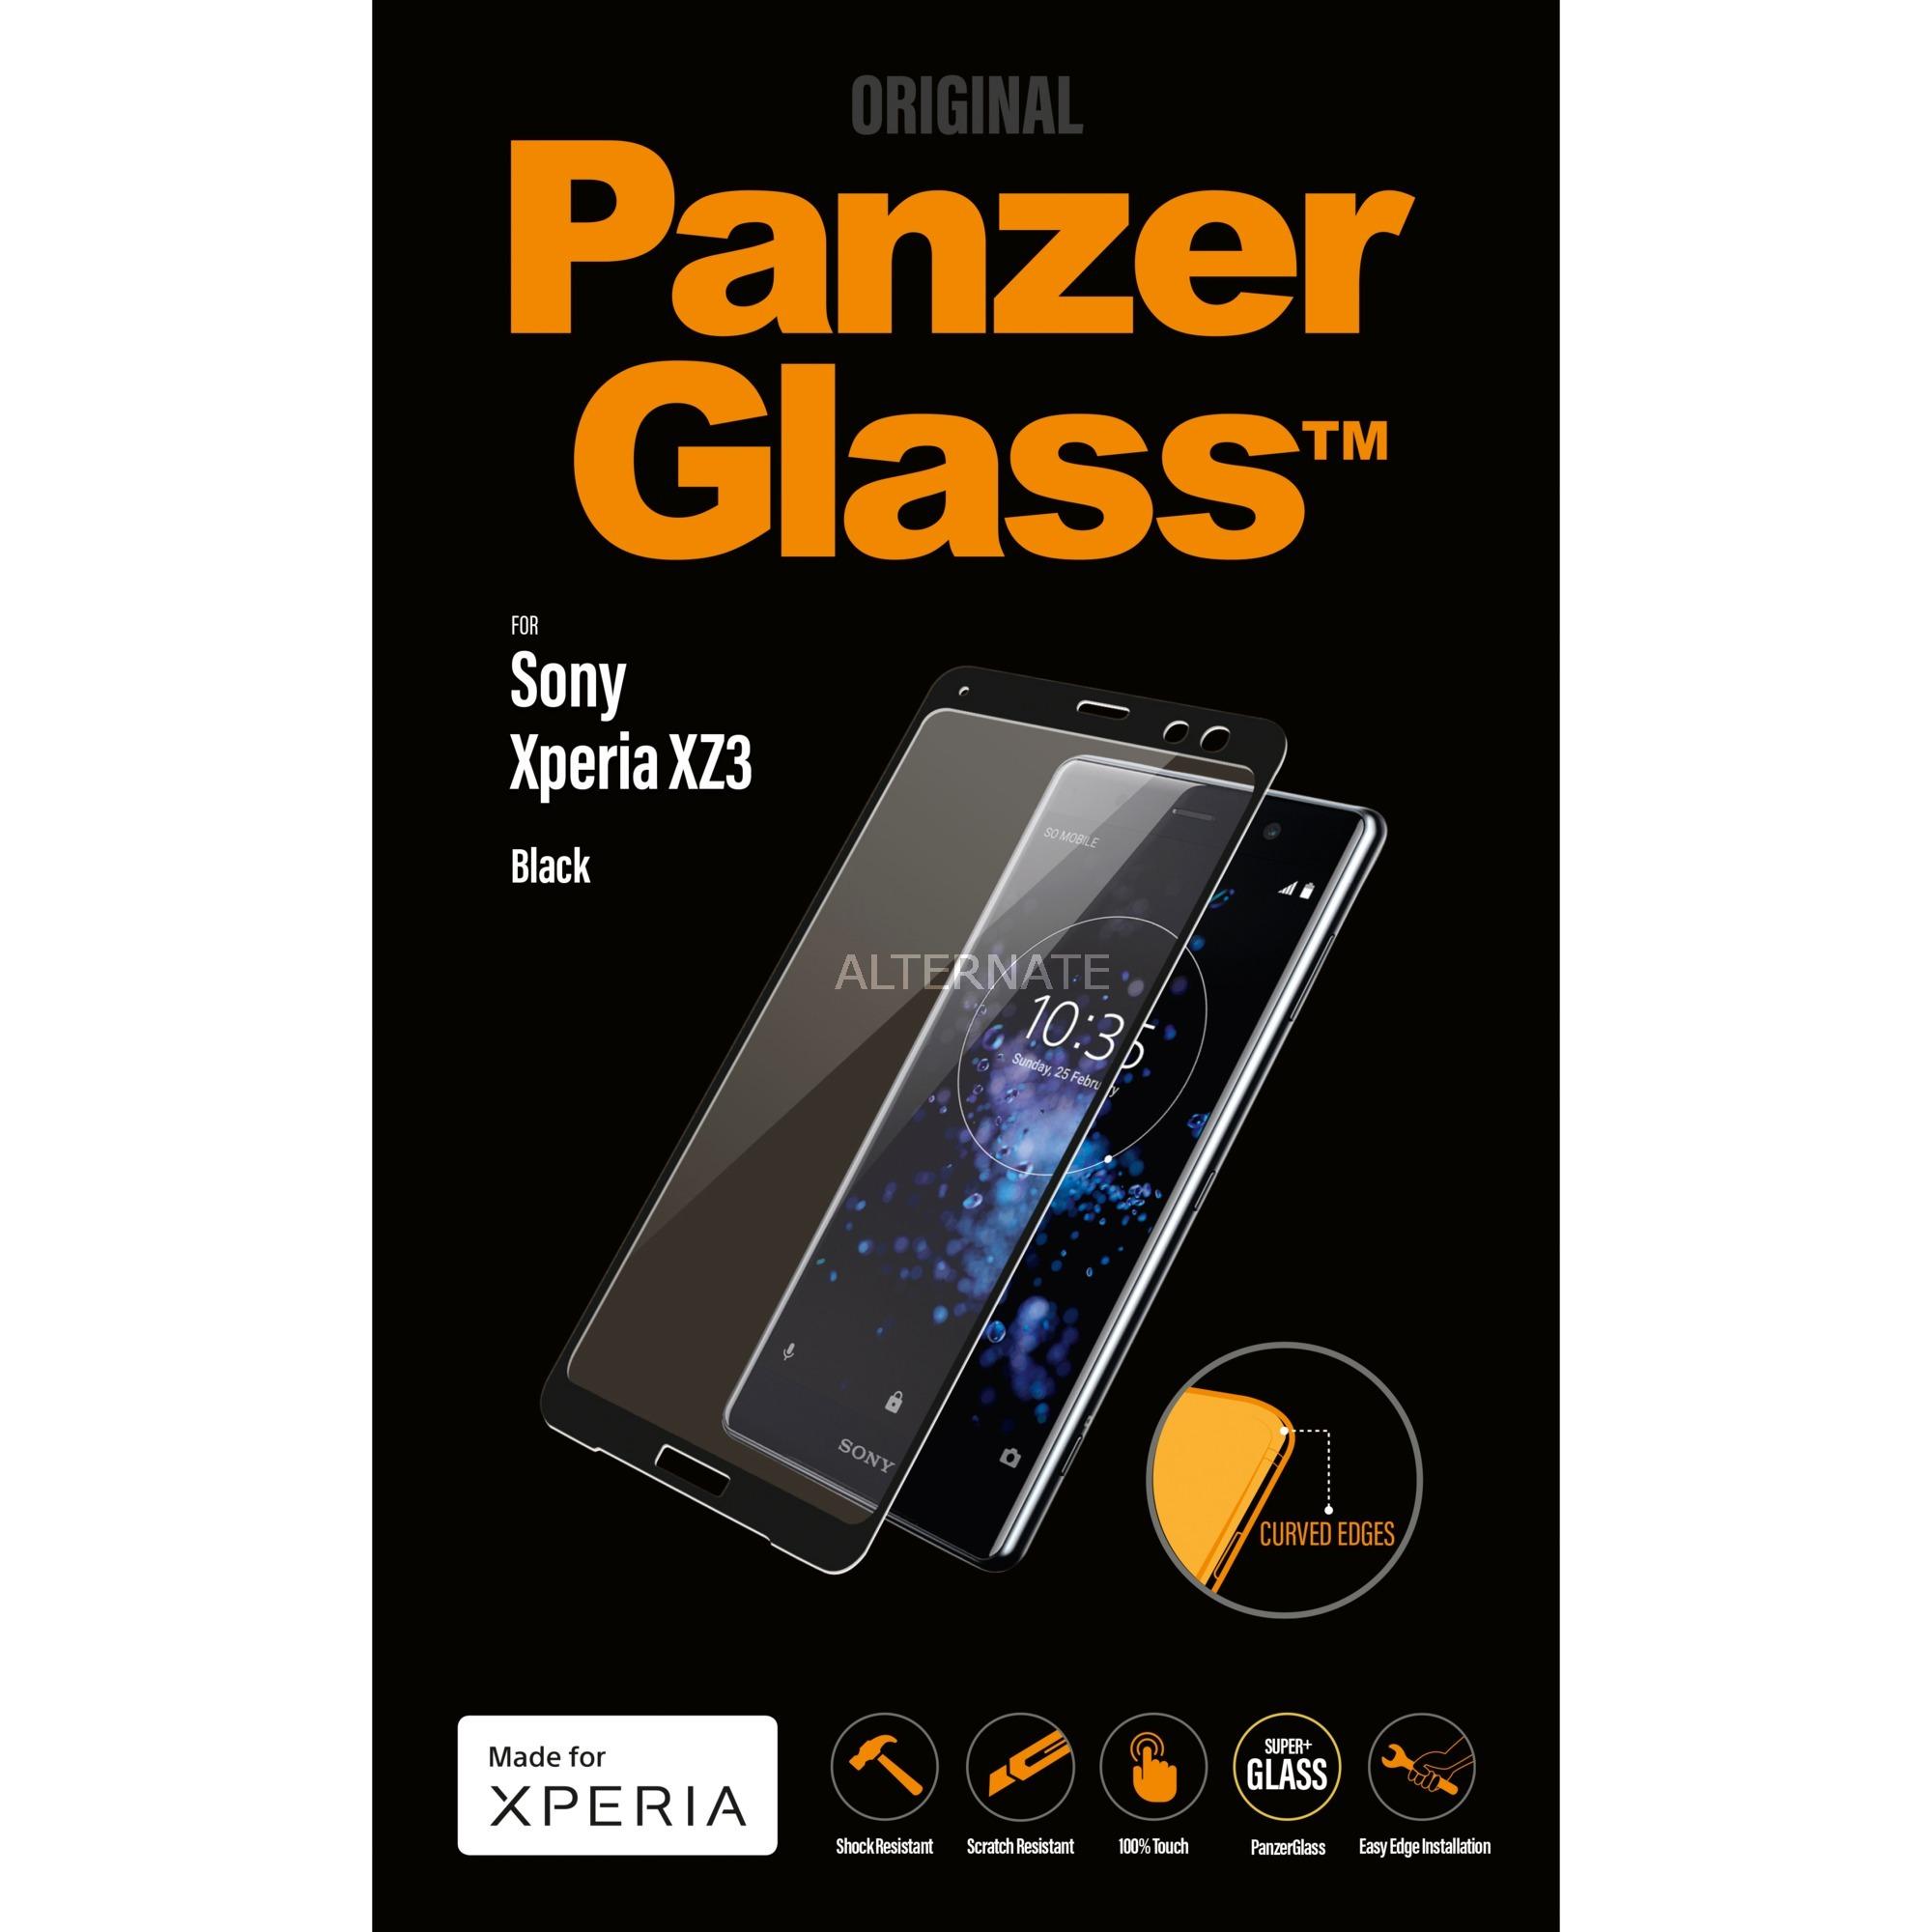 7623 protector de pantalla Teléfono móvil/smartphone Sony 1 pieza(s), Película protectora